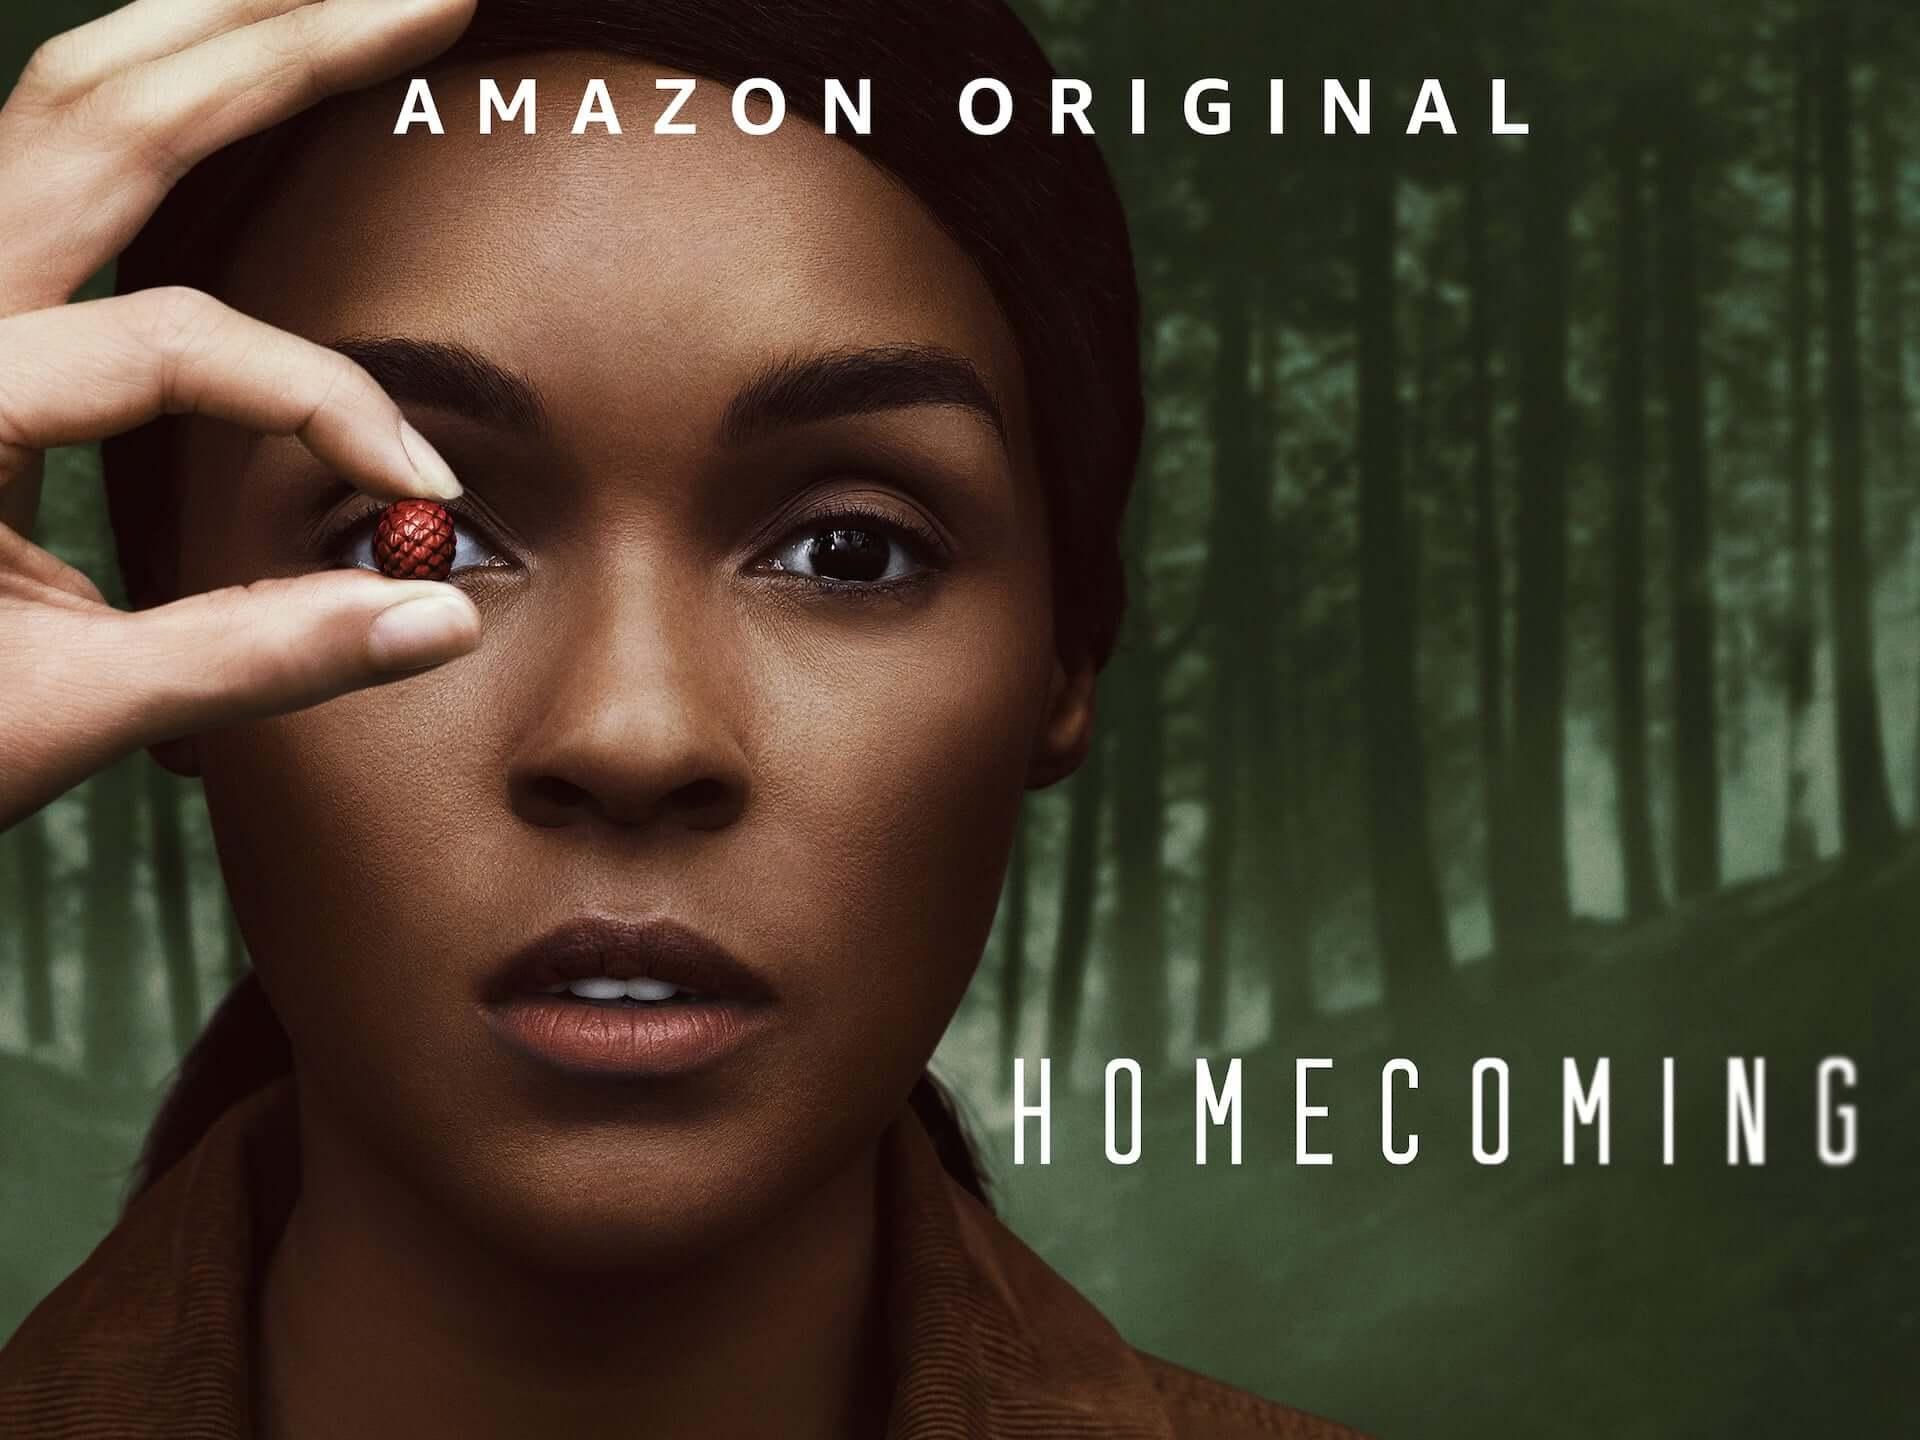 ジャネール・モネイ主演『ホームカミング』シーズン2がAmazon Prime Videoで独占配信開始!予告編も公開 video200522_amazon_homecoming_07-1920x1440